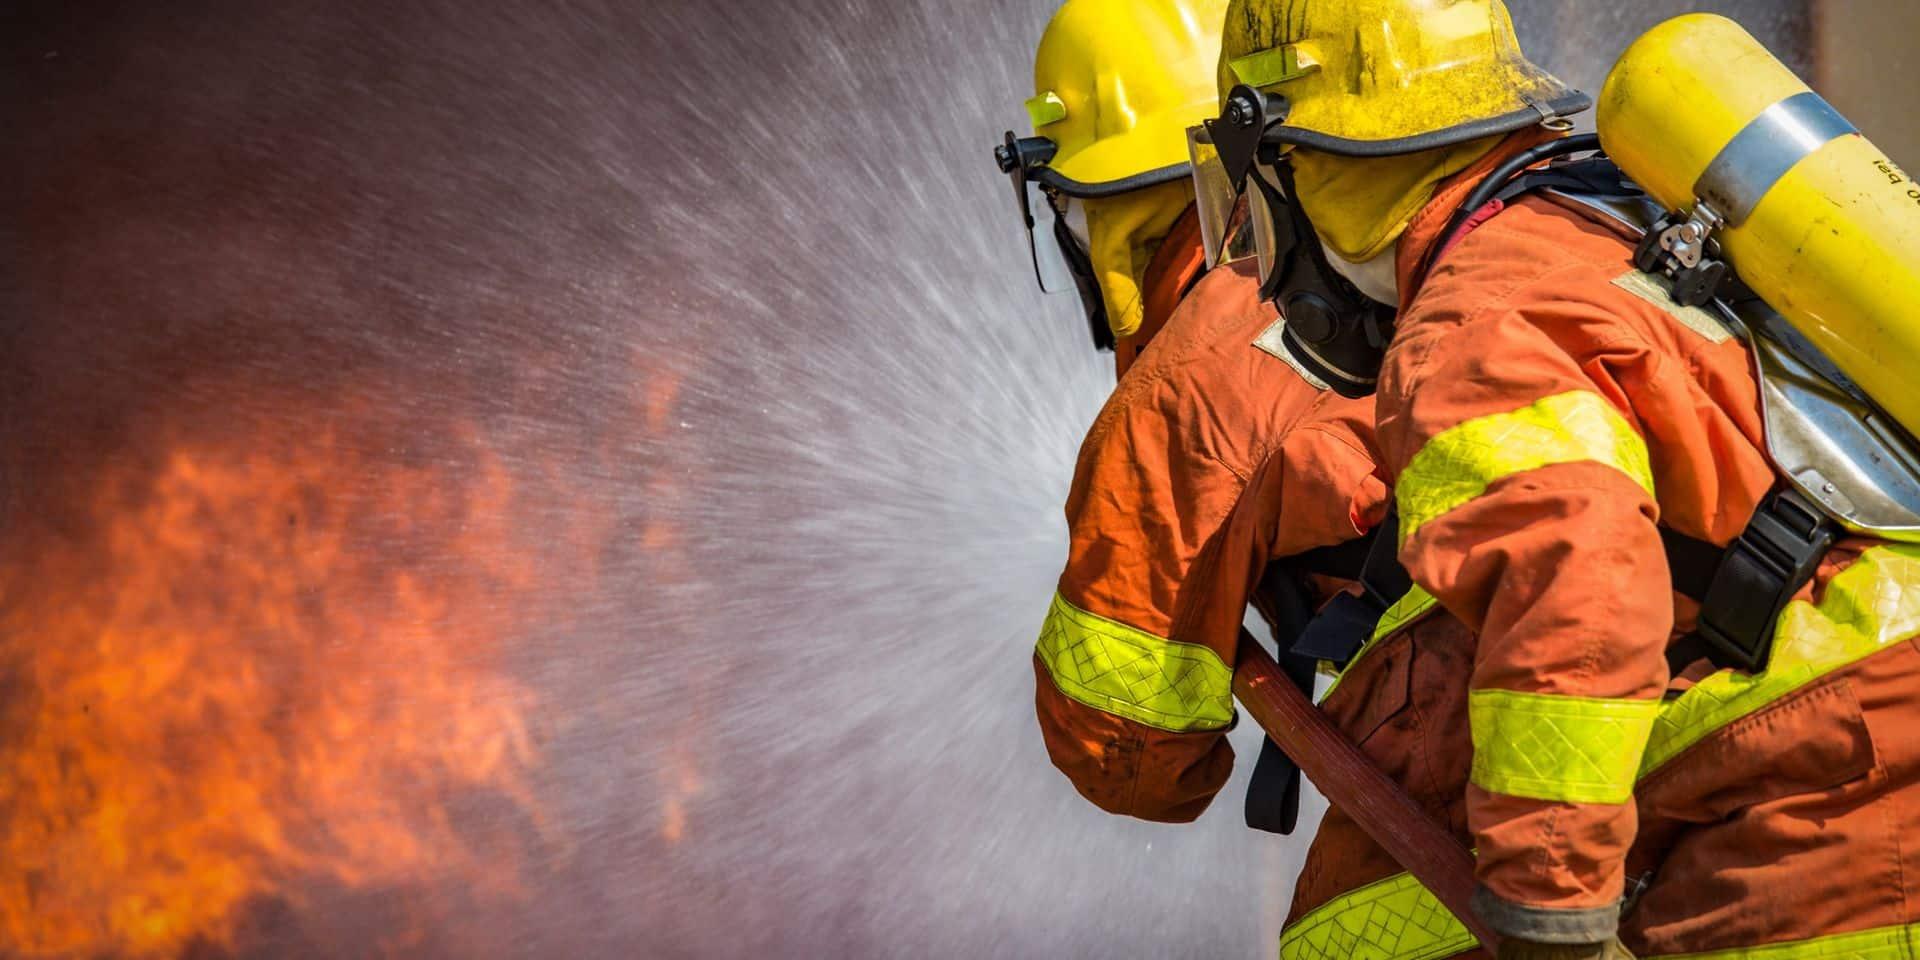 Une enquête ouverte après un incendie suspect à Chercq (Tournai)